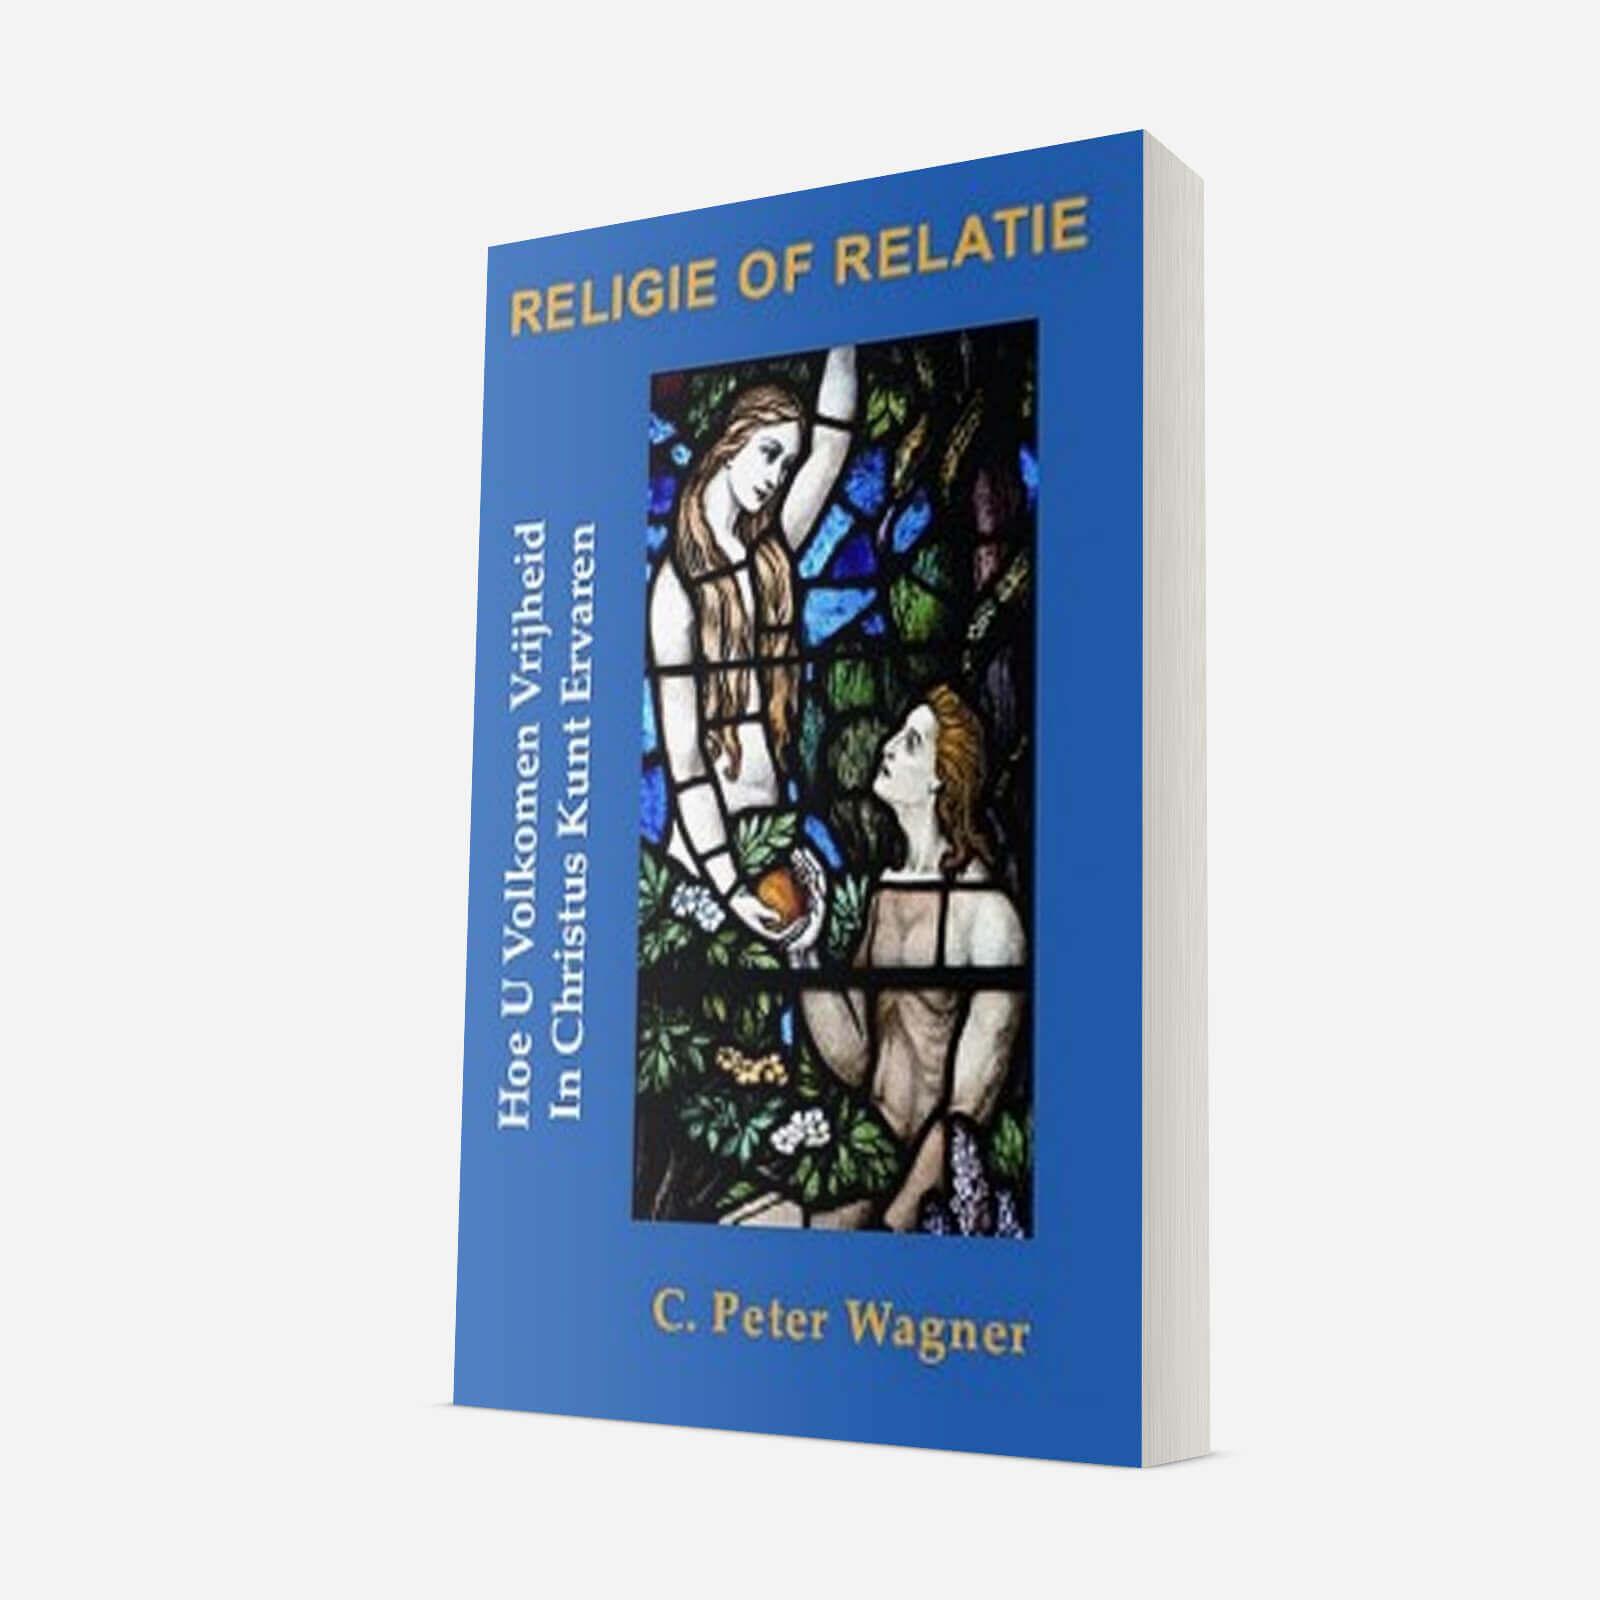 Boek: Religie of relatie